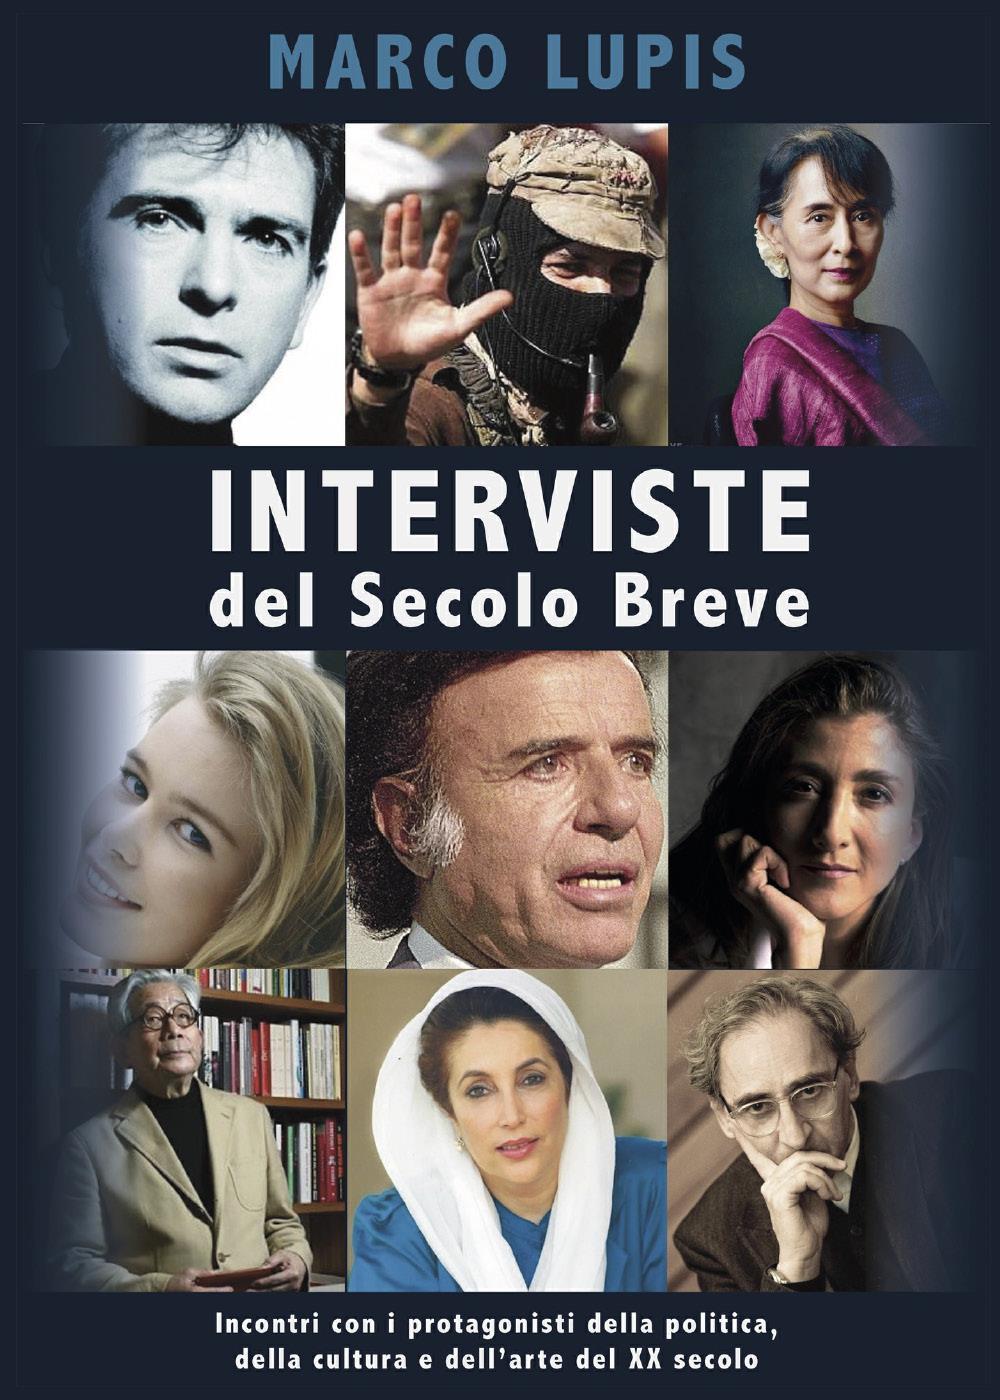 Interviste del Secolo Breve: Incontri con i protagonisti della cultura, della politica e dell'arte del XX secolo (seconda edizione)